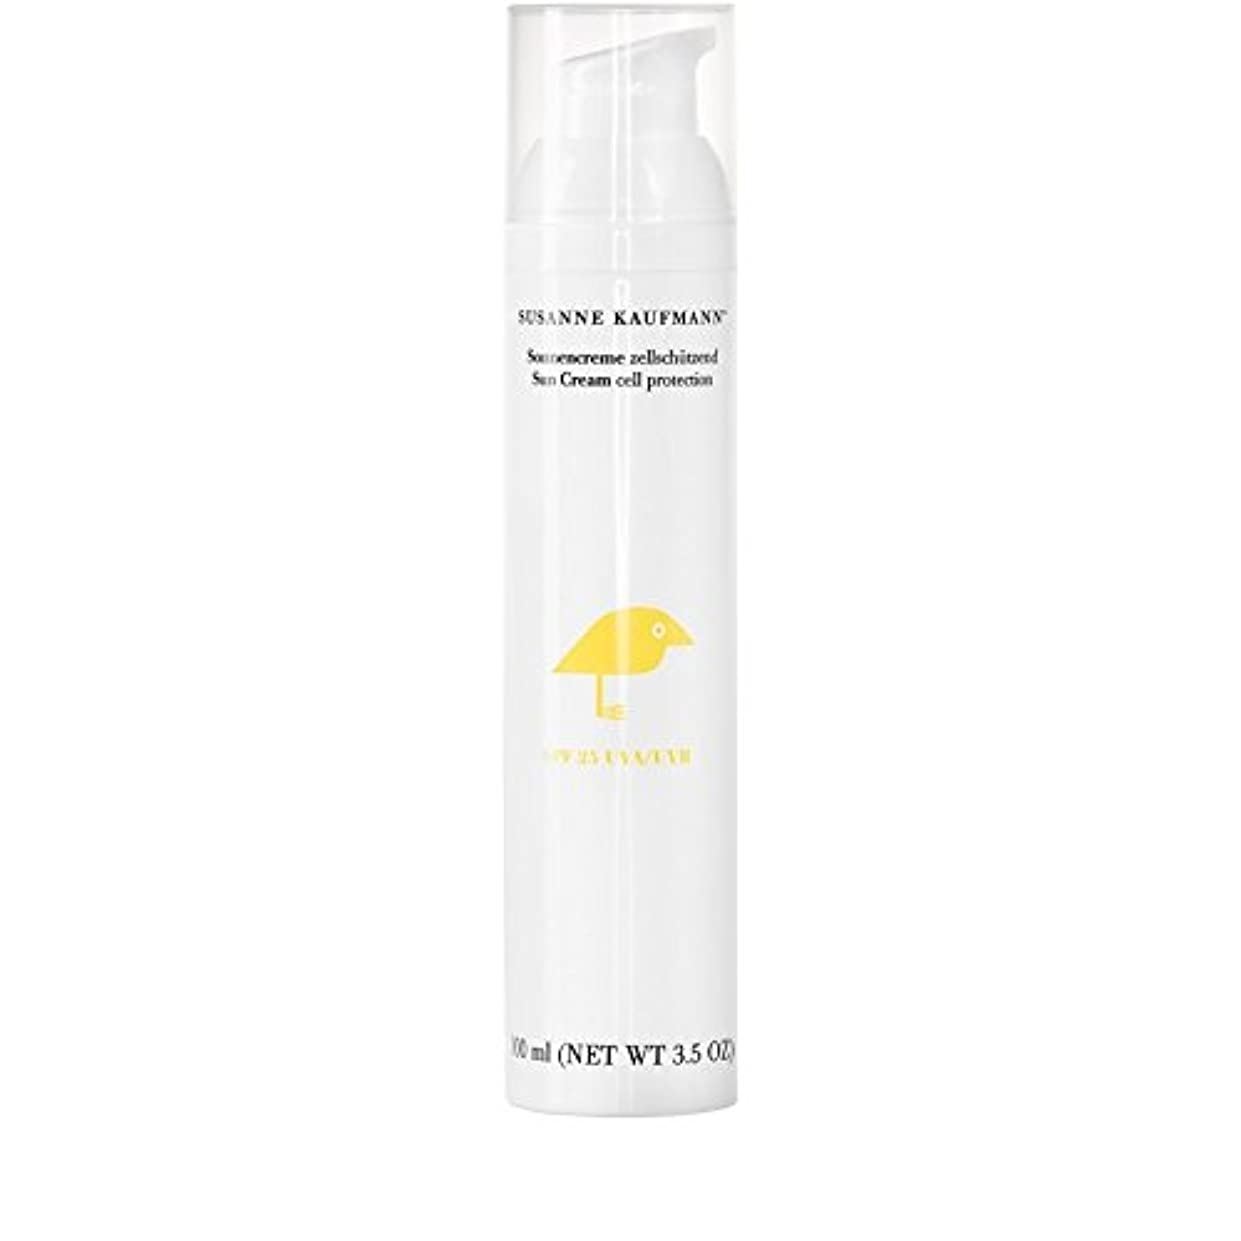 蜜サイトバリケードSusanne Kaufmann Cell Protection Sun Cream SPF25 100ml - スザンヌカウフマン細胞保護日クリーム25の100ミリリットル [並行輸入品]